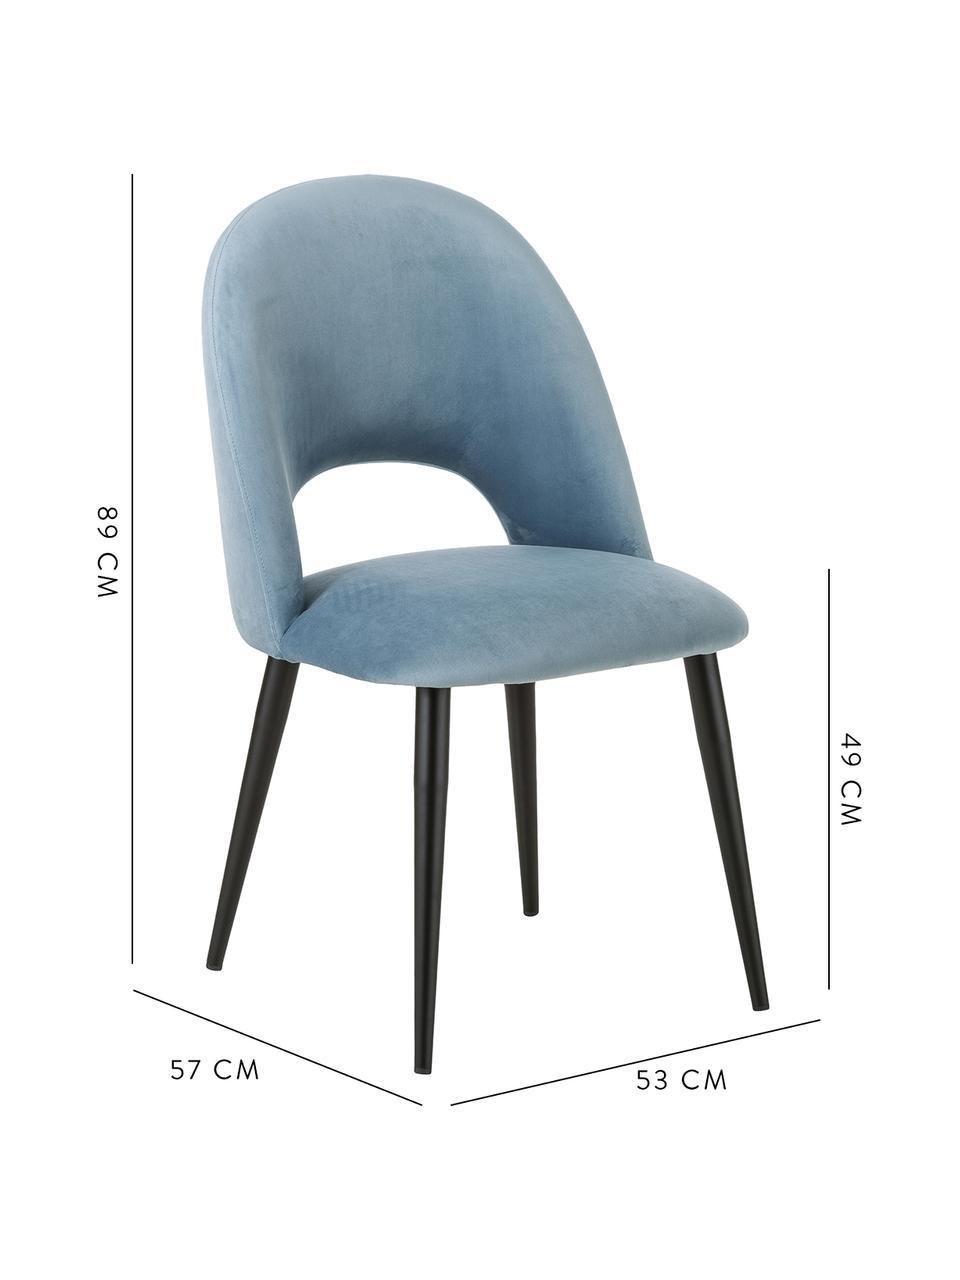 Chaise rembourrée en velours bleu Rachel, Velours bleu ciel